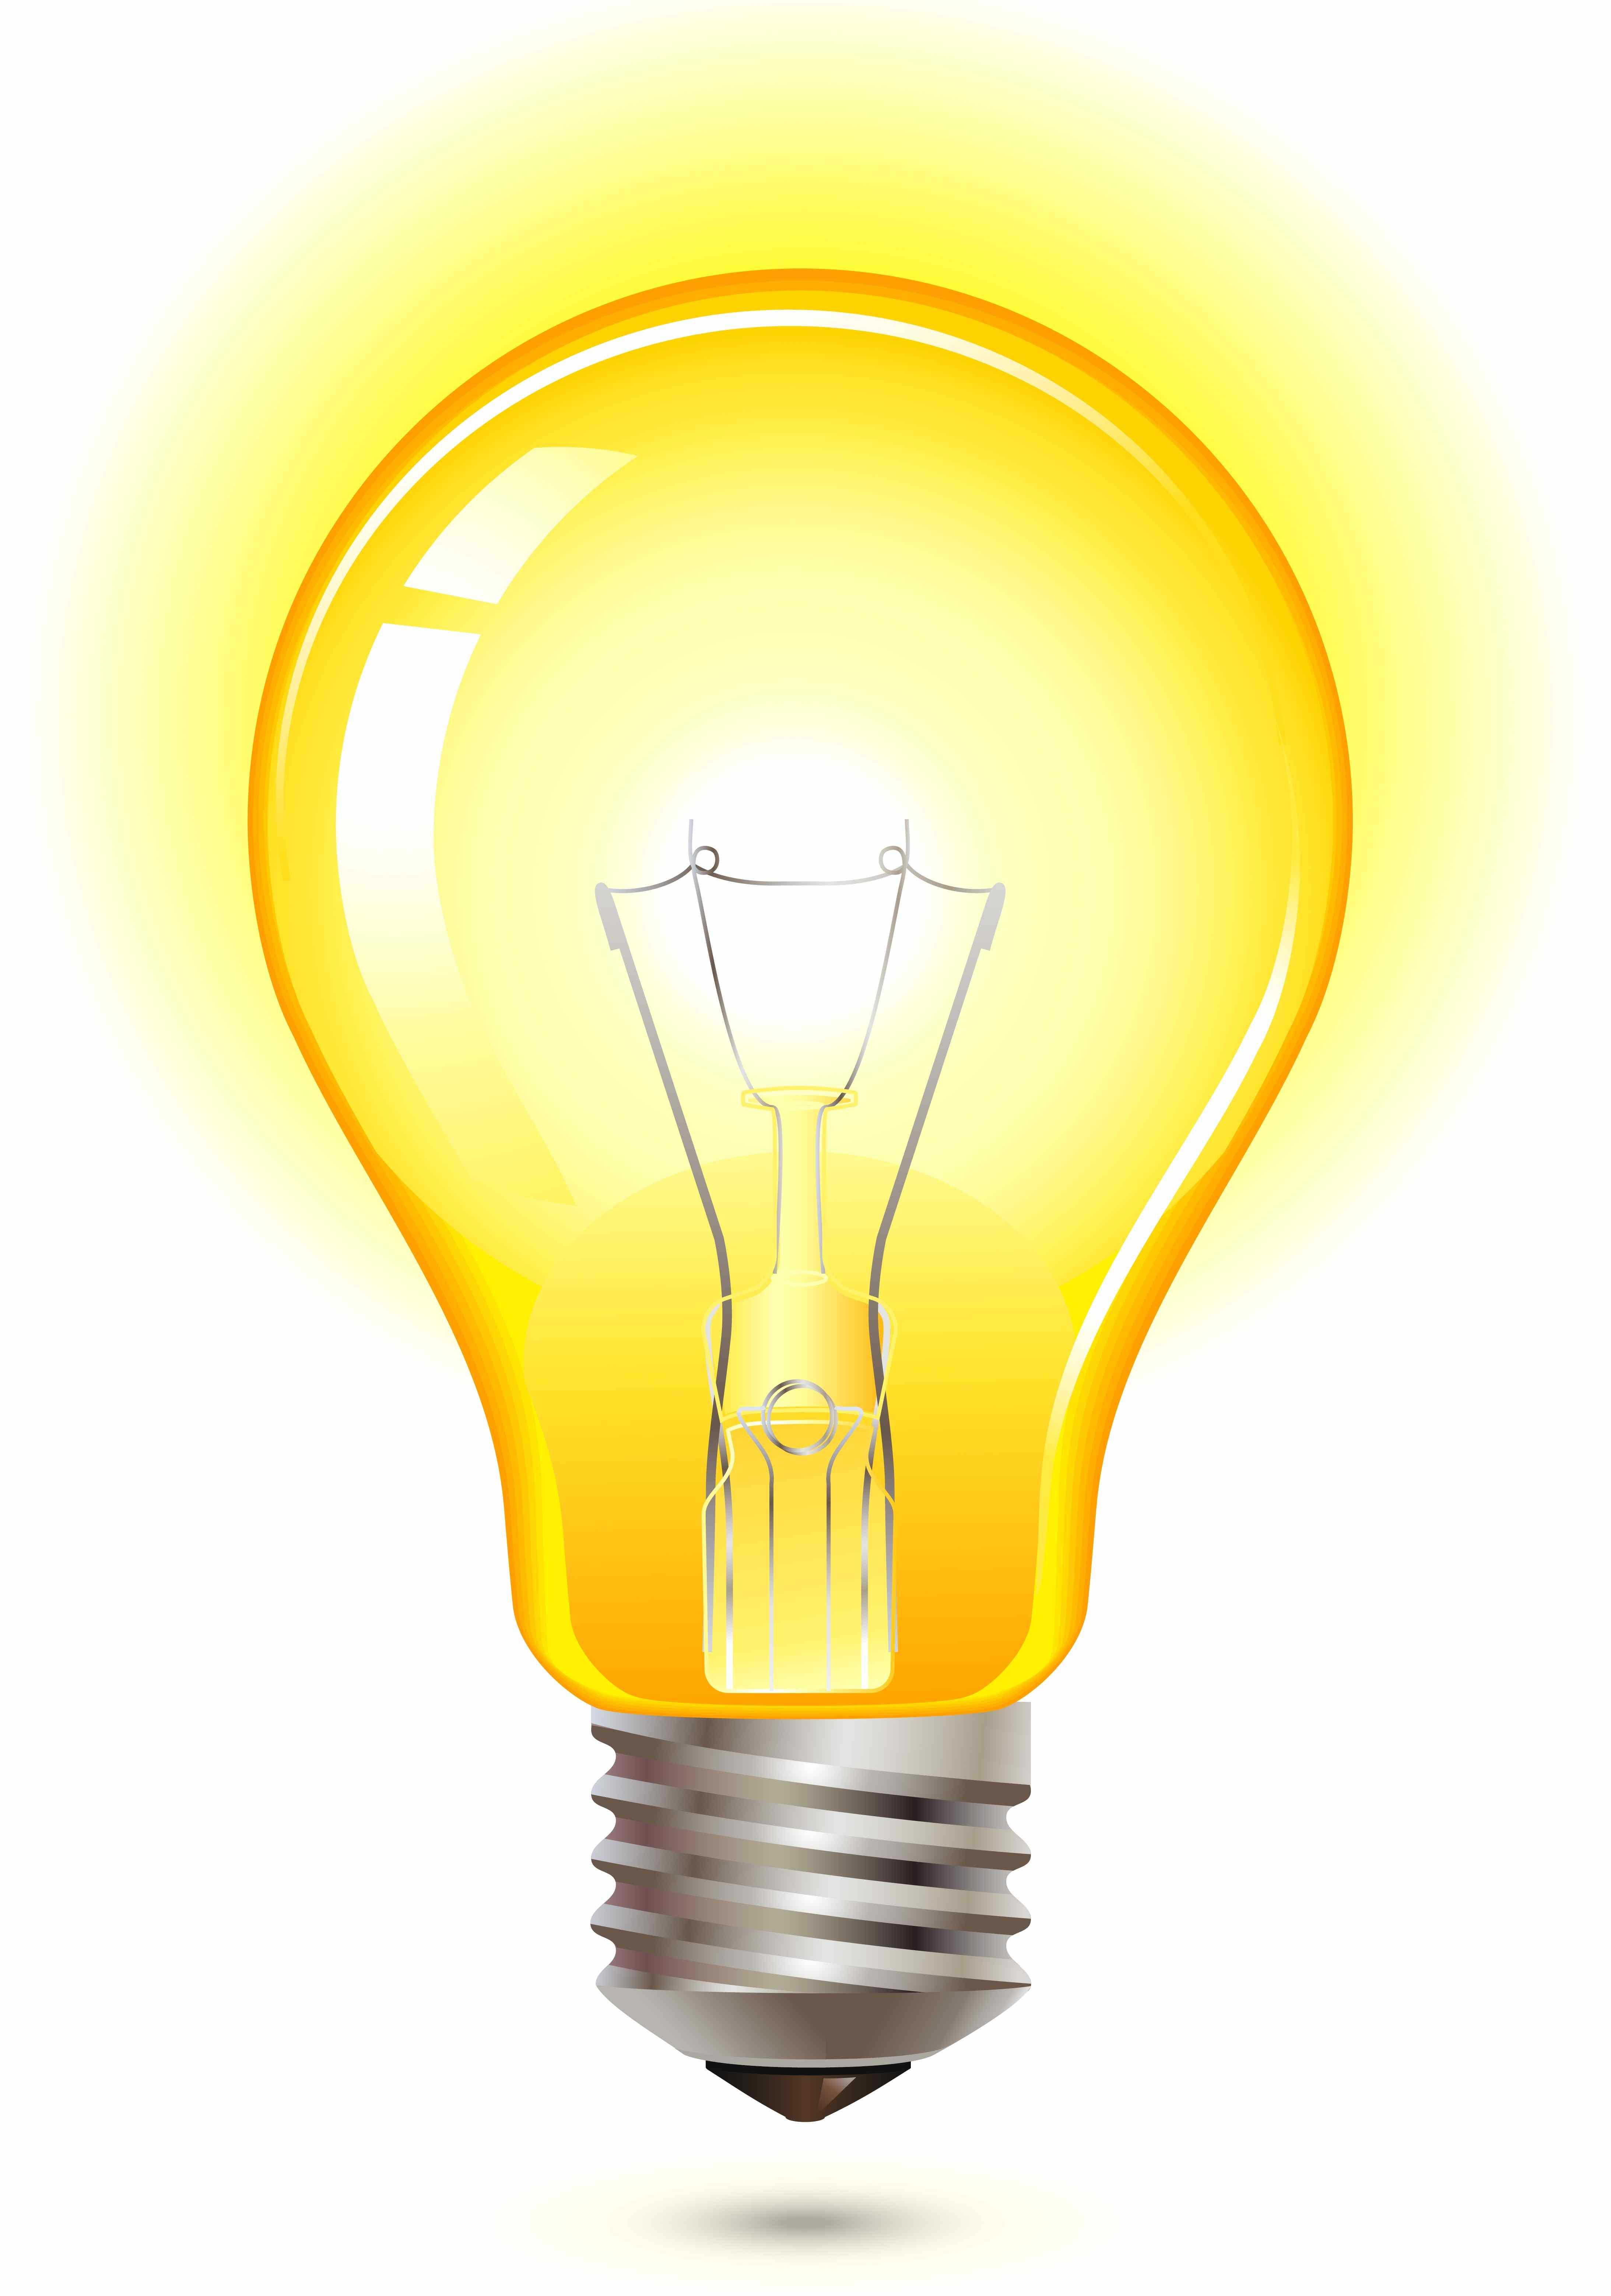 Light Bulb Yellow Antenna Ball Topper